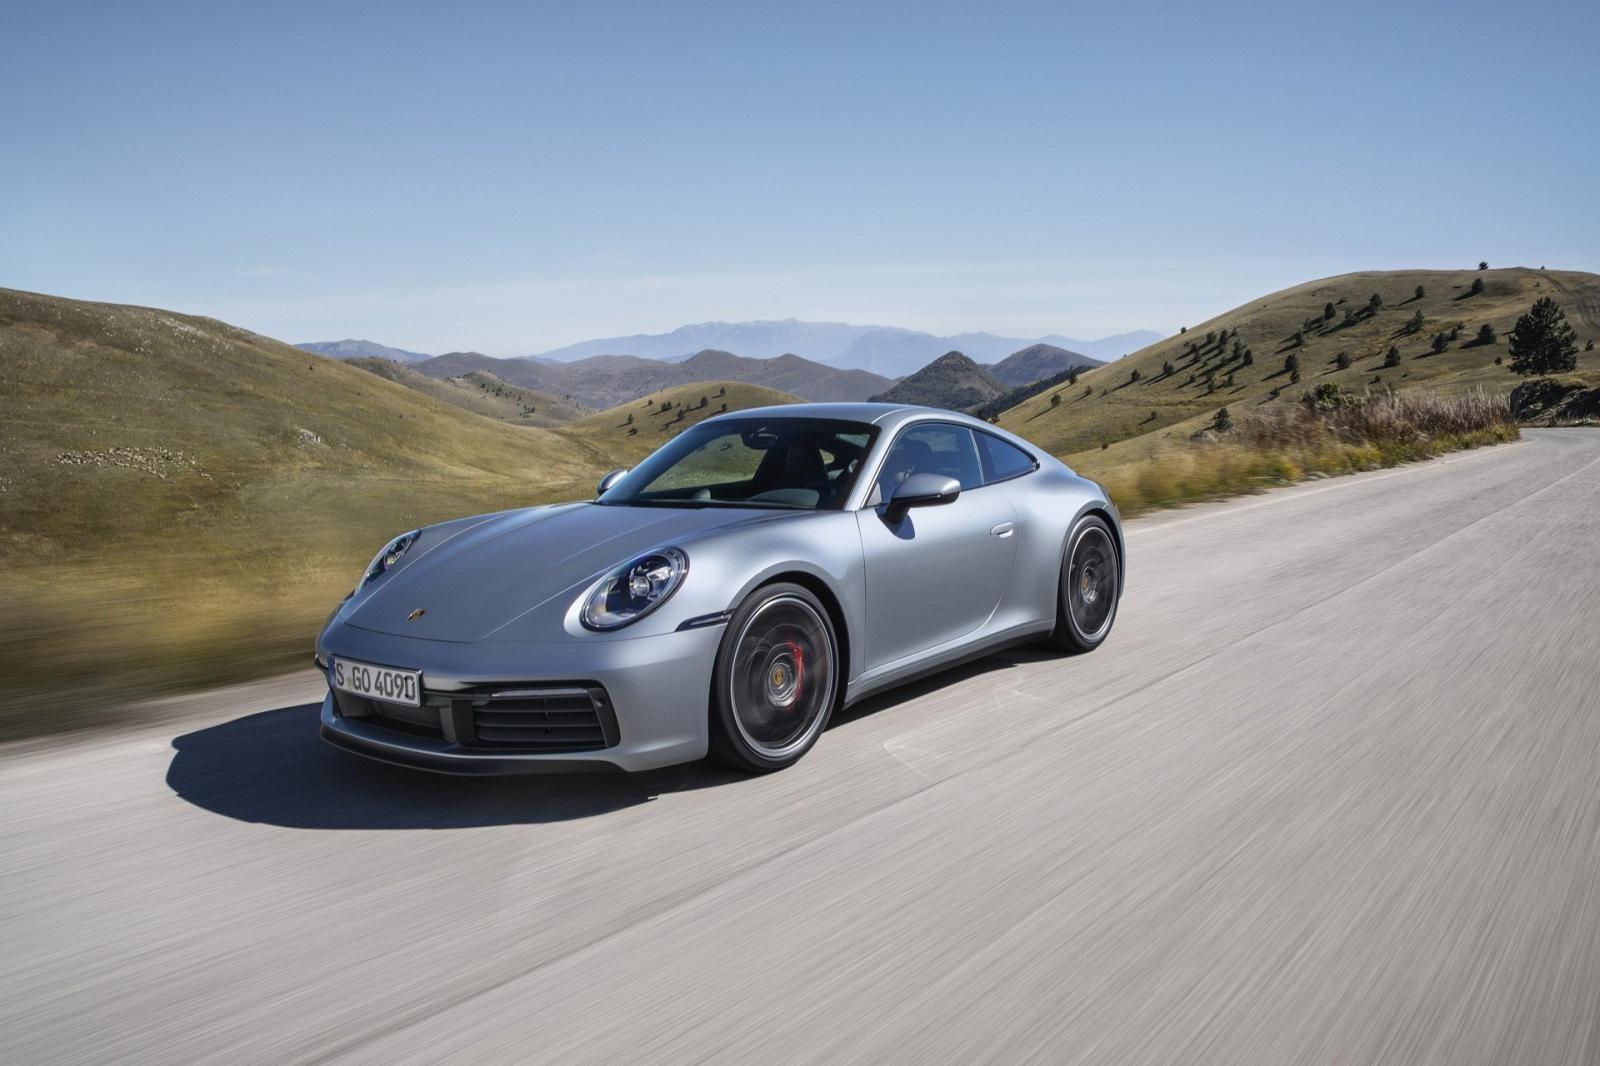 Porsche 911 2020 sở hữu thiết kế cải tiến so với thế hệ cũ